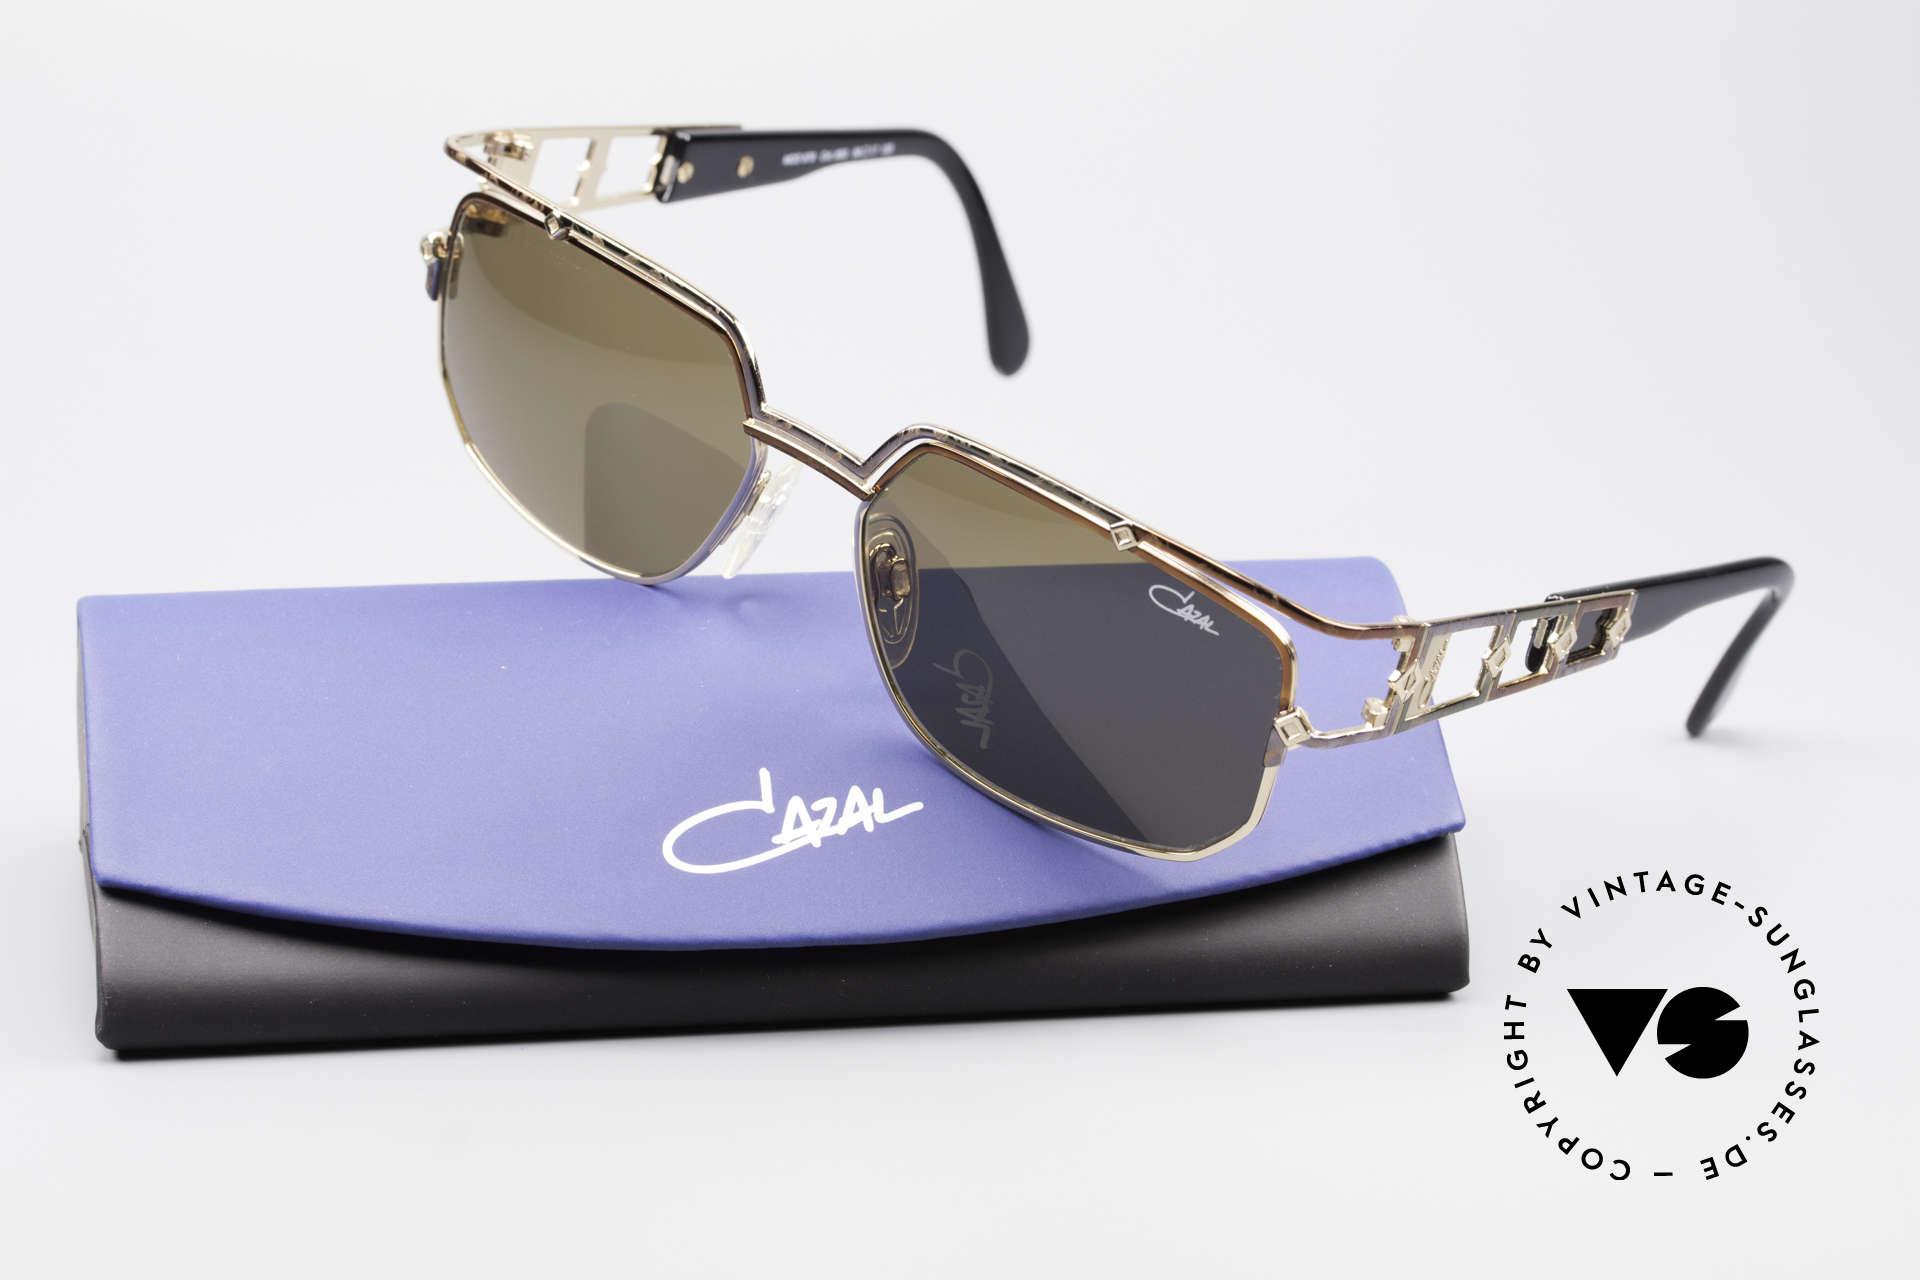 Cazal 979 Ladies Sunglasses Vintage, genuine Cazal sun lenses (for 100% UV protection), Made for Women